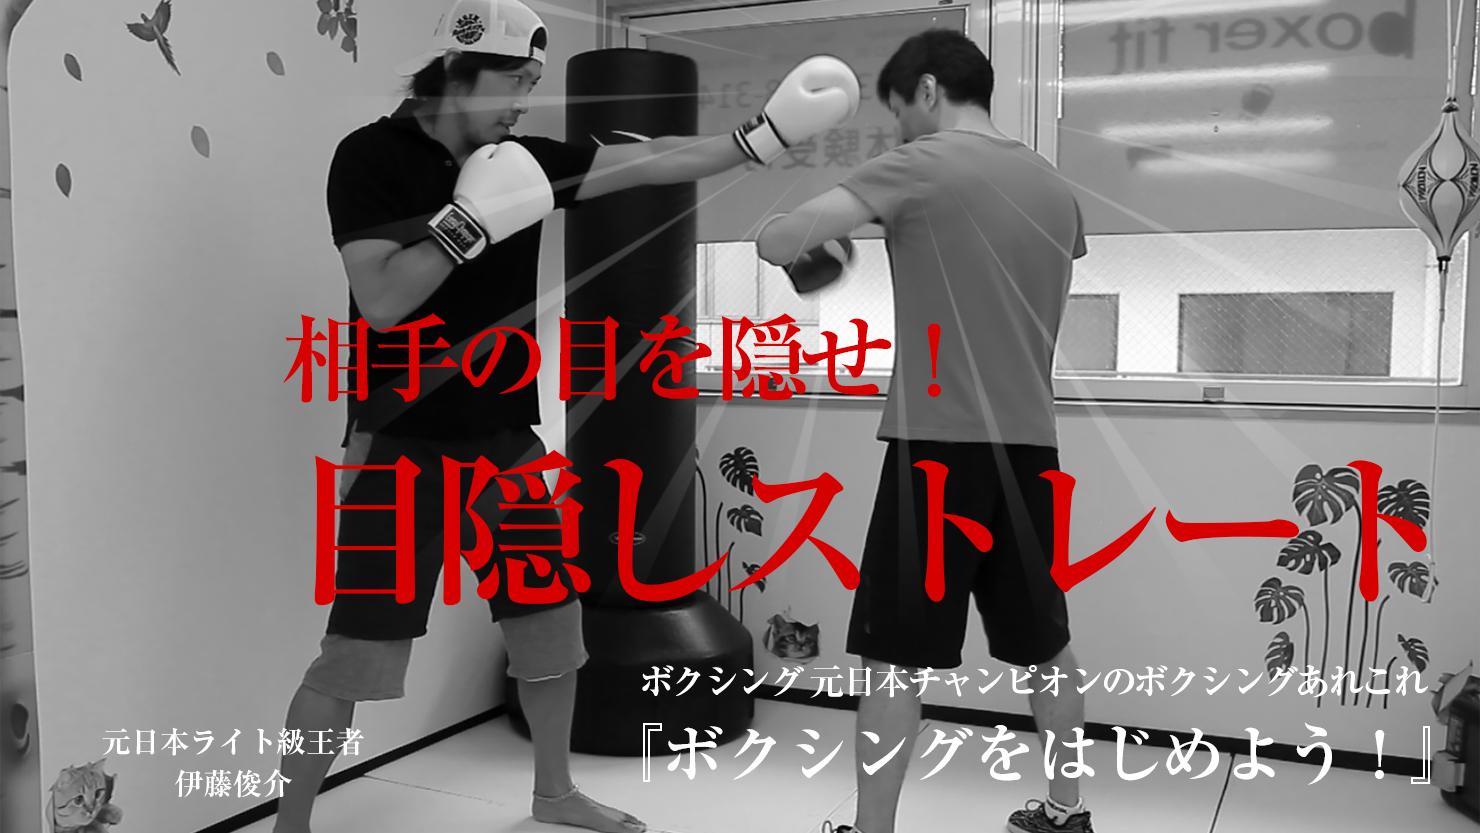 目隠しストレートの打ち方『ボクシングをはじめよう!』カクトウログ